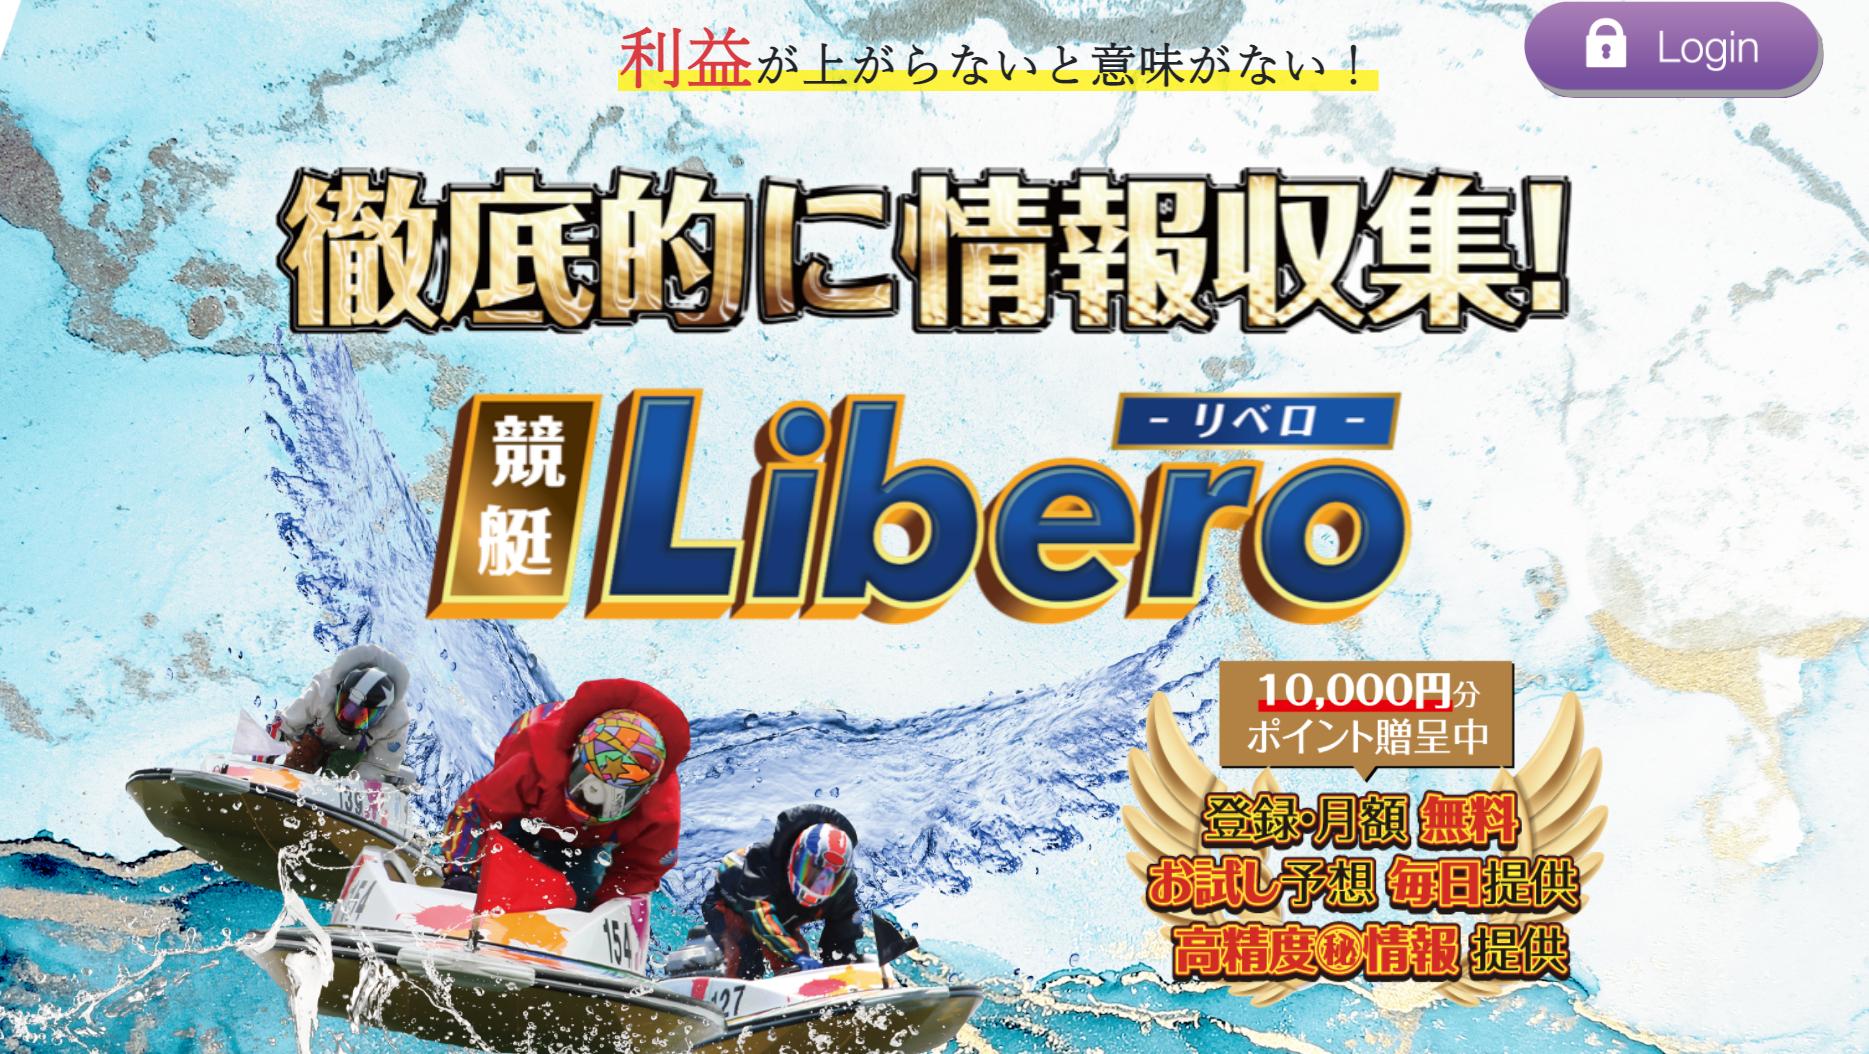 競艇リベロの口コミ・評判・評価